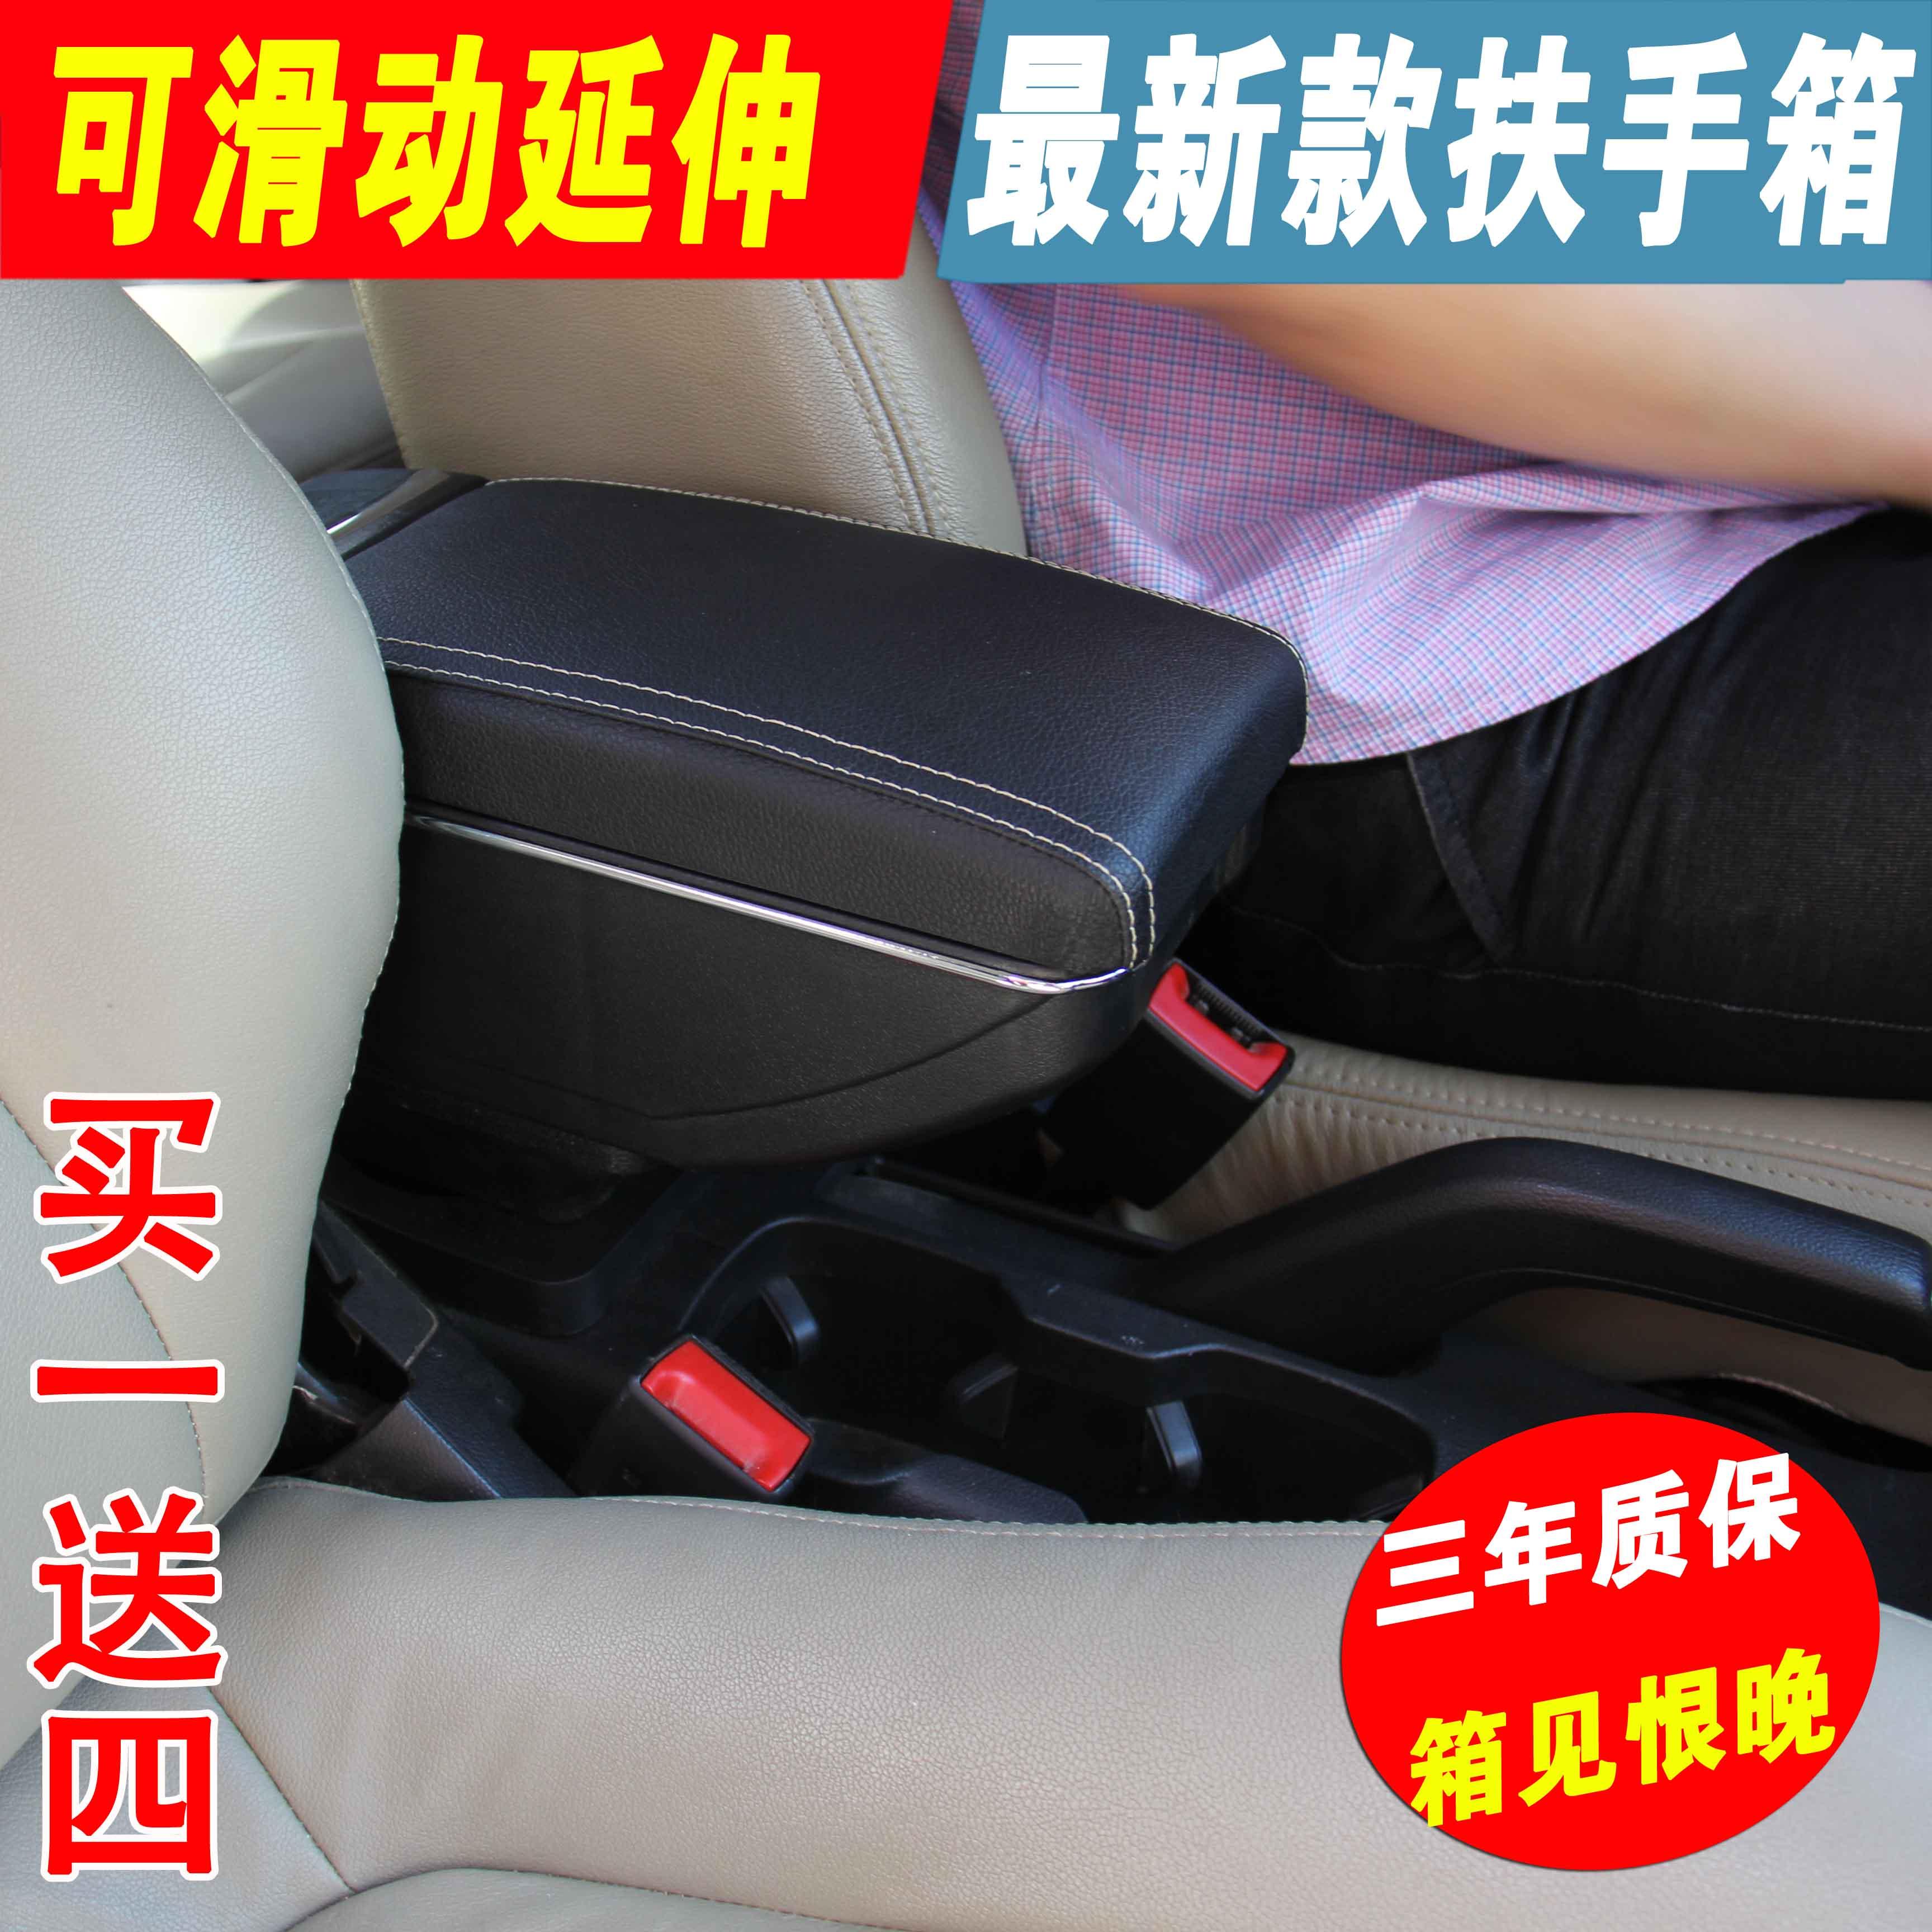 Подлокотники Форд Фокус Fiesta подлокотник ящик для хранения аксессуаров выделенной полосы пропускания слайд подлокотник